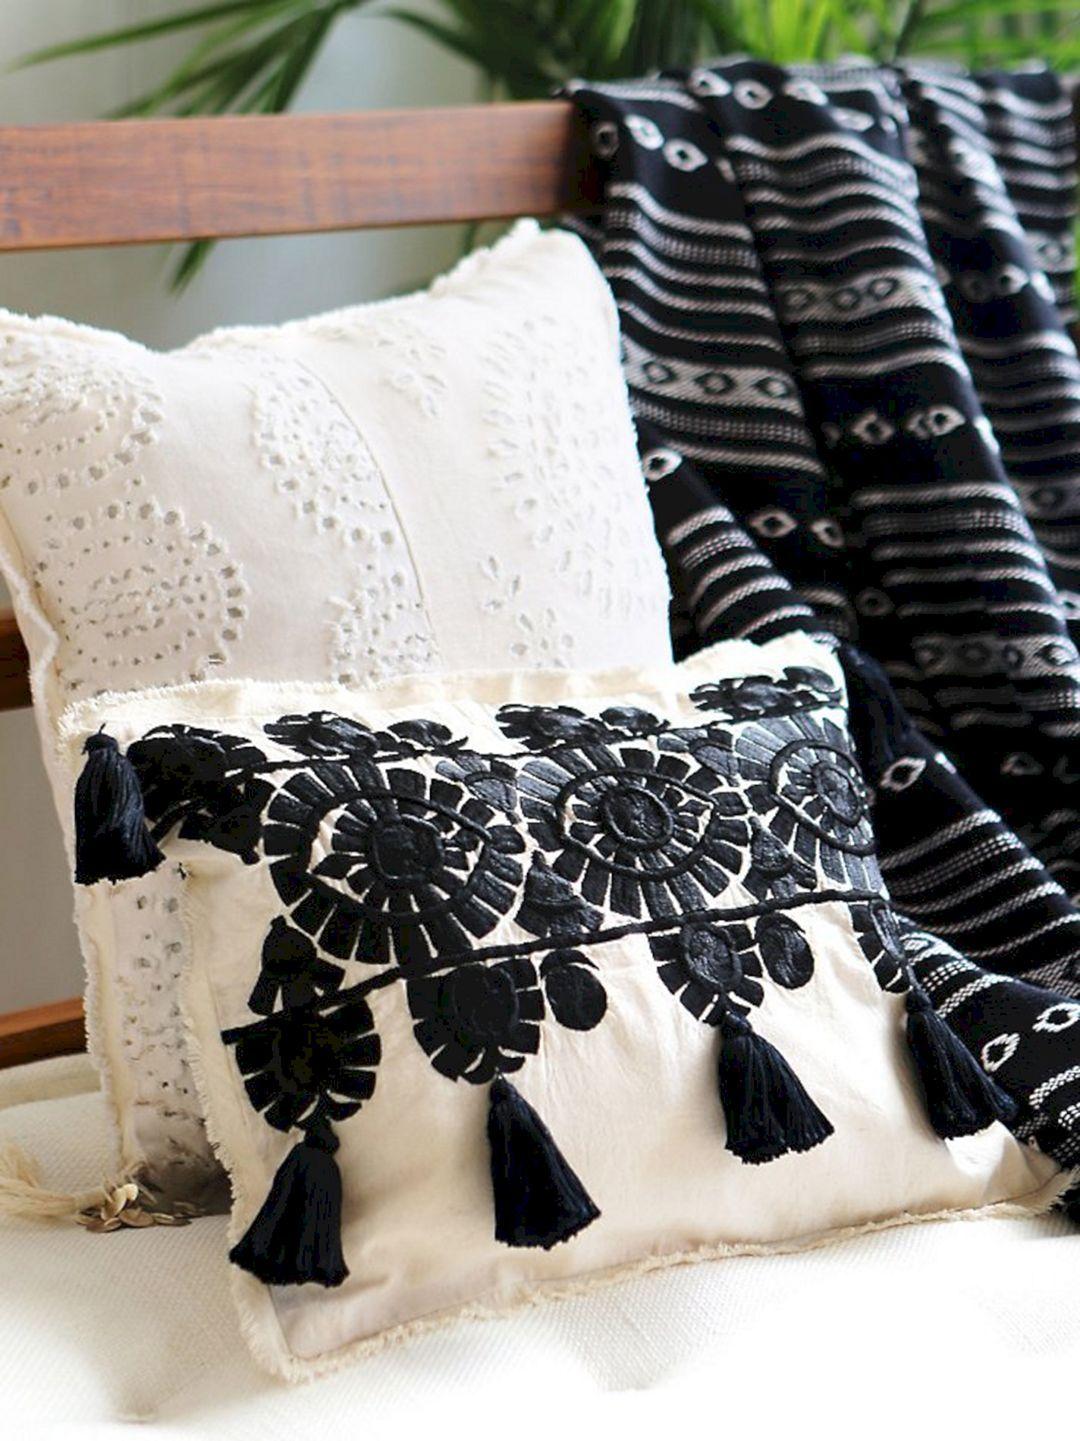 Magnifique oreiller marocain qui peut augmenter la beauté de votre maison: 100+ meilleures idées   – Interior Design & Decor